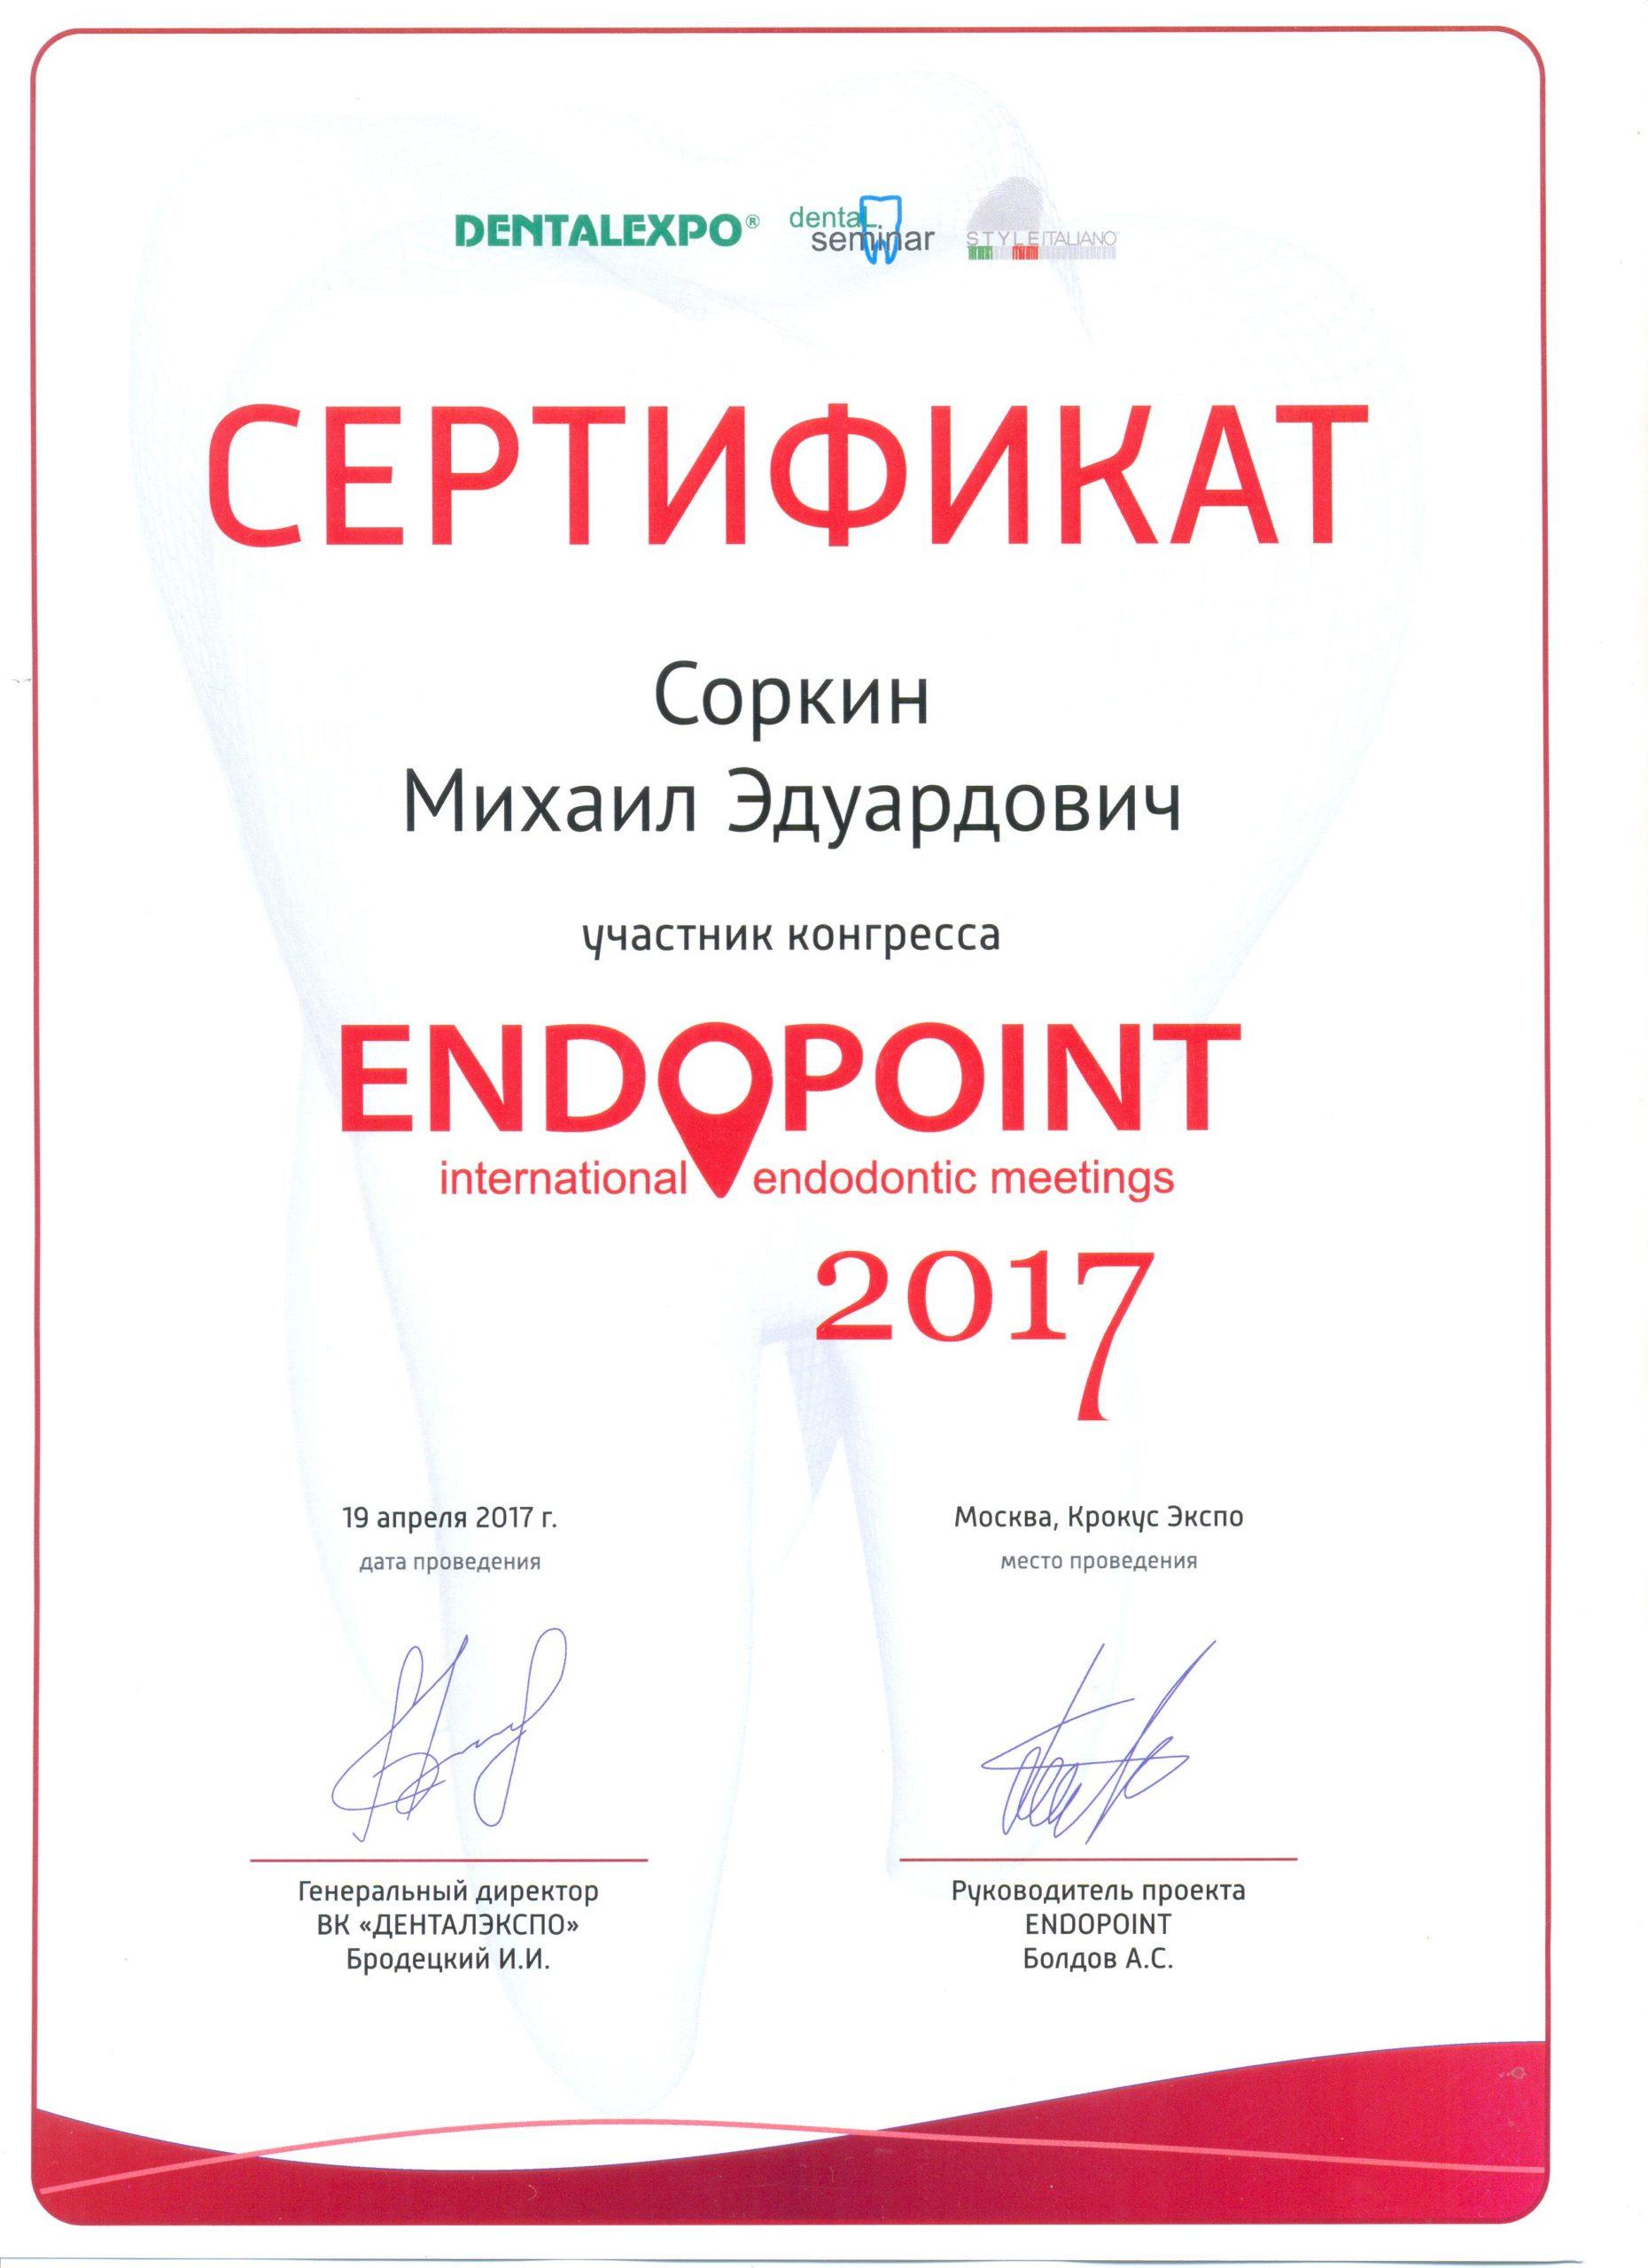 сертификат стоматолога эндодонтия 2017